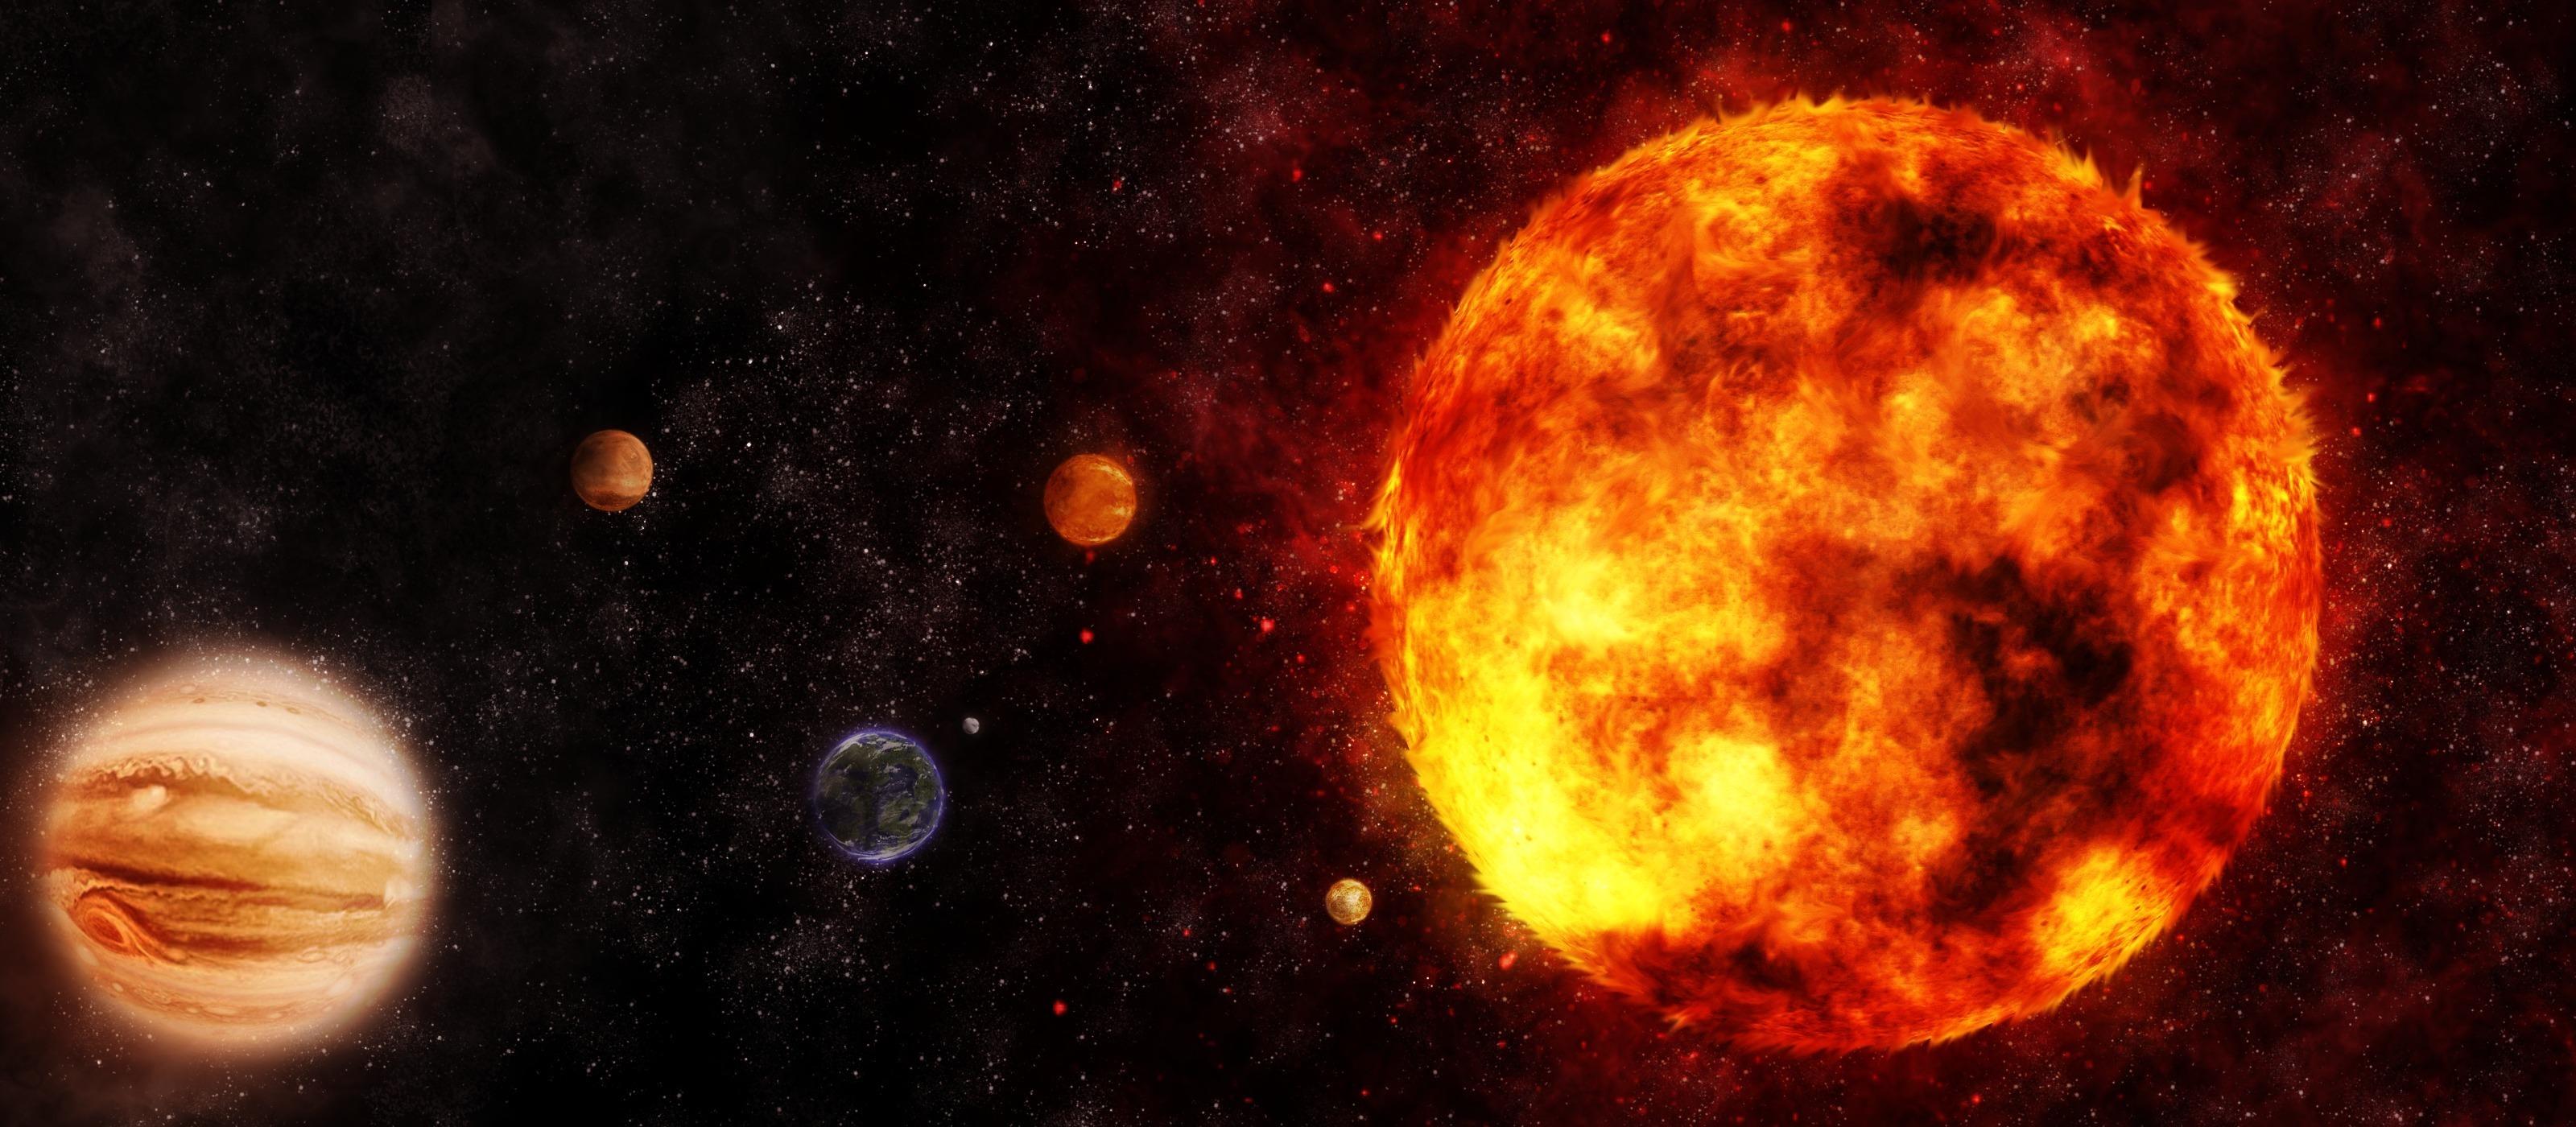 17630 скачать обои Пейзаж, Планеты, Космос, Звезды - заставки и картинки бесплатно